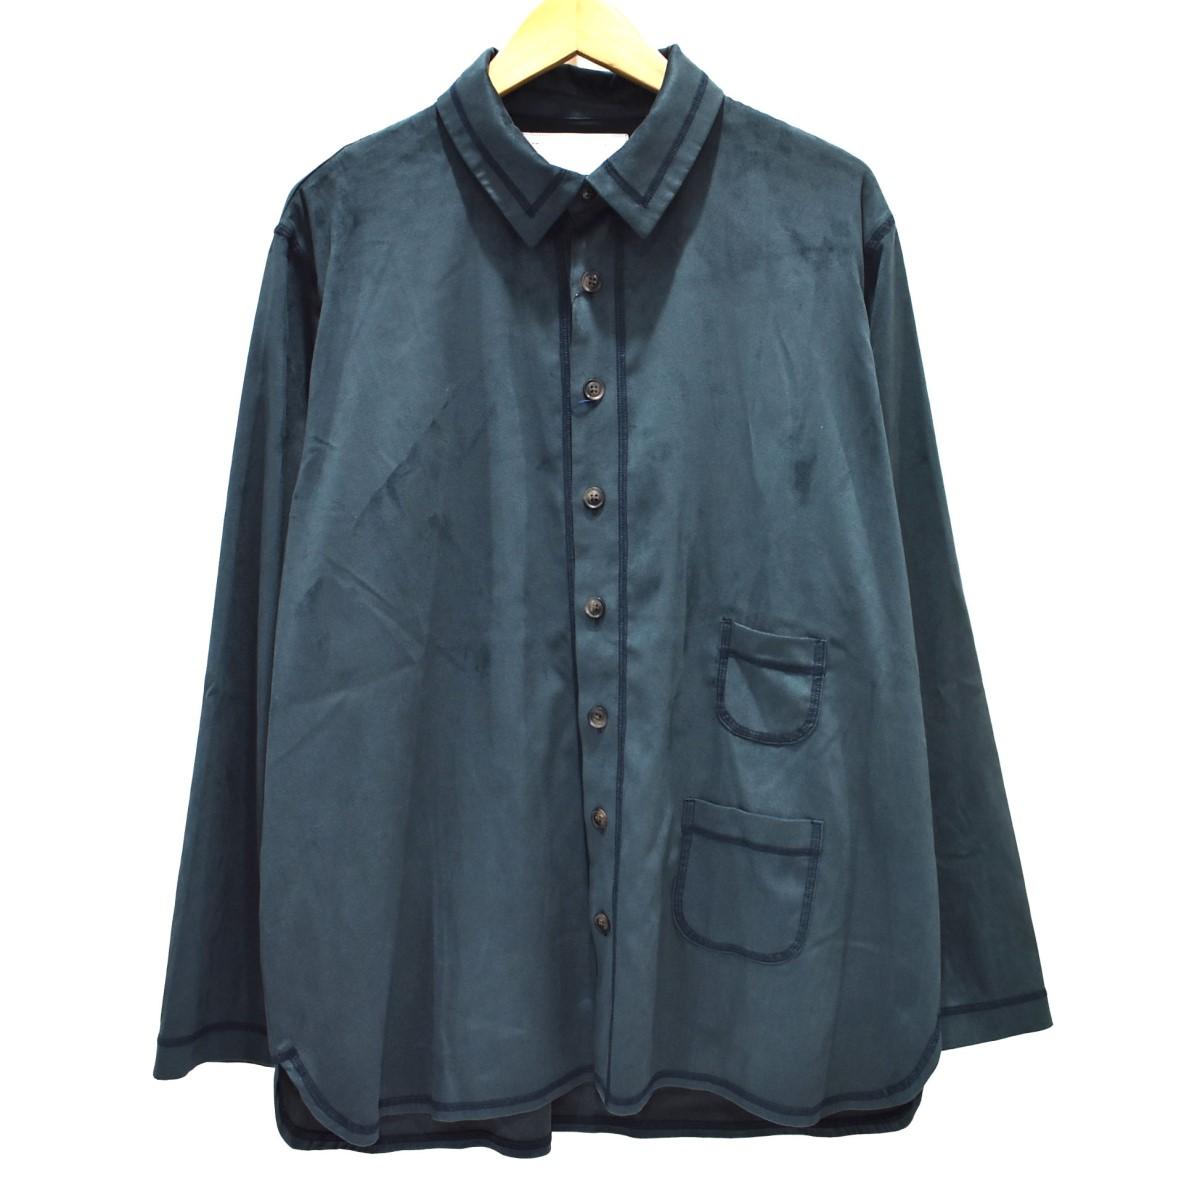 【中古】MADE BY WISLOM CIAOPANIC別注 スウェードライクシャツ 長袖シャツ グリーン サイズ:L 【290420】(メイドバイウィズロム)